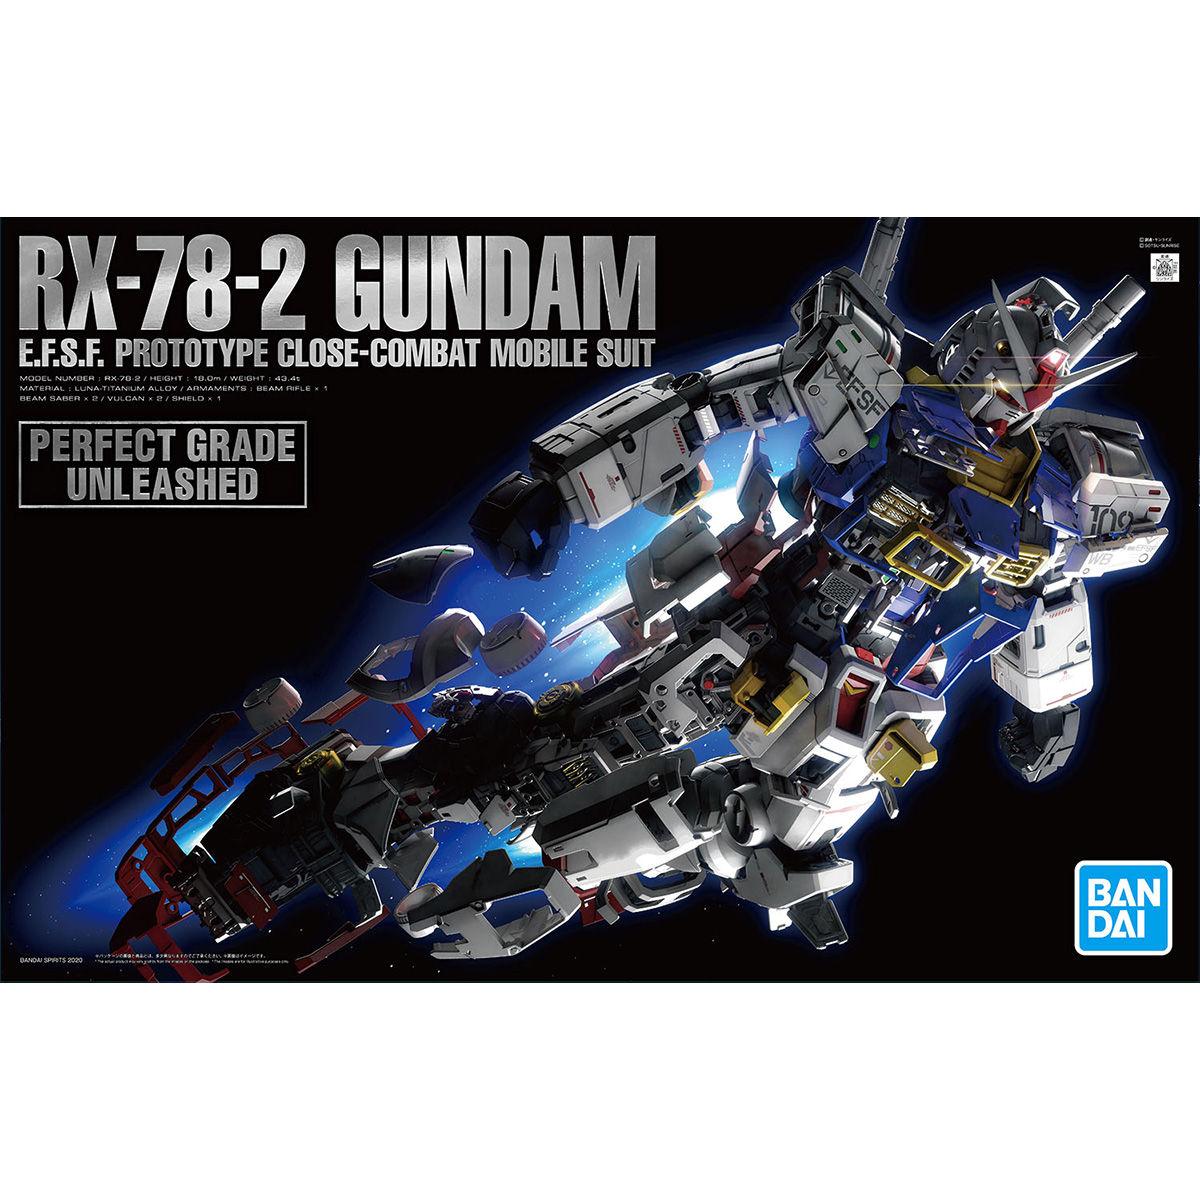 【ガンプラ】あなたが一番好きな「RX-78-2 ガンダム」のプラモデルはどれ? 【人気投票実施中】 | ねとらぼ調査隊